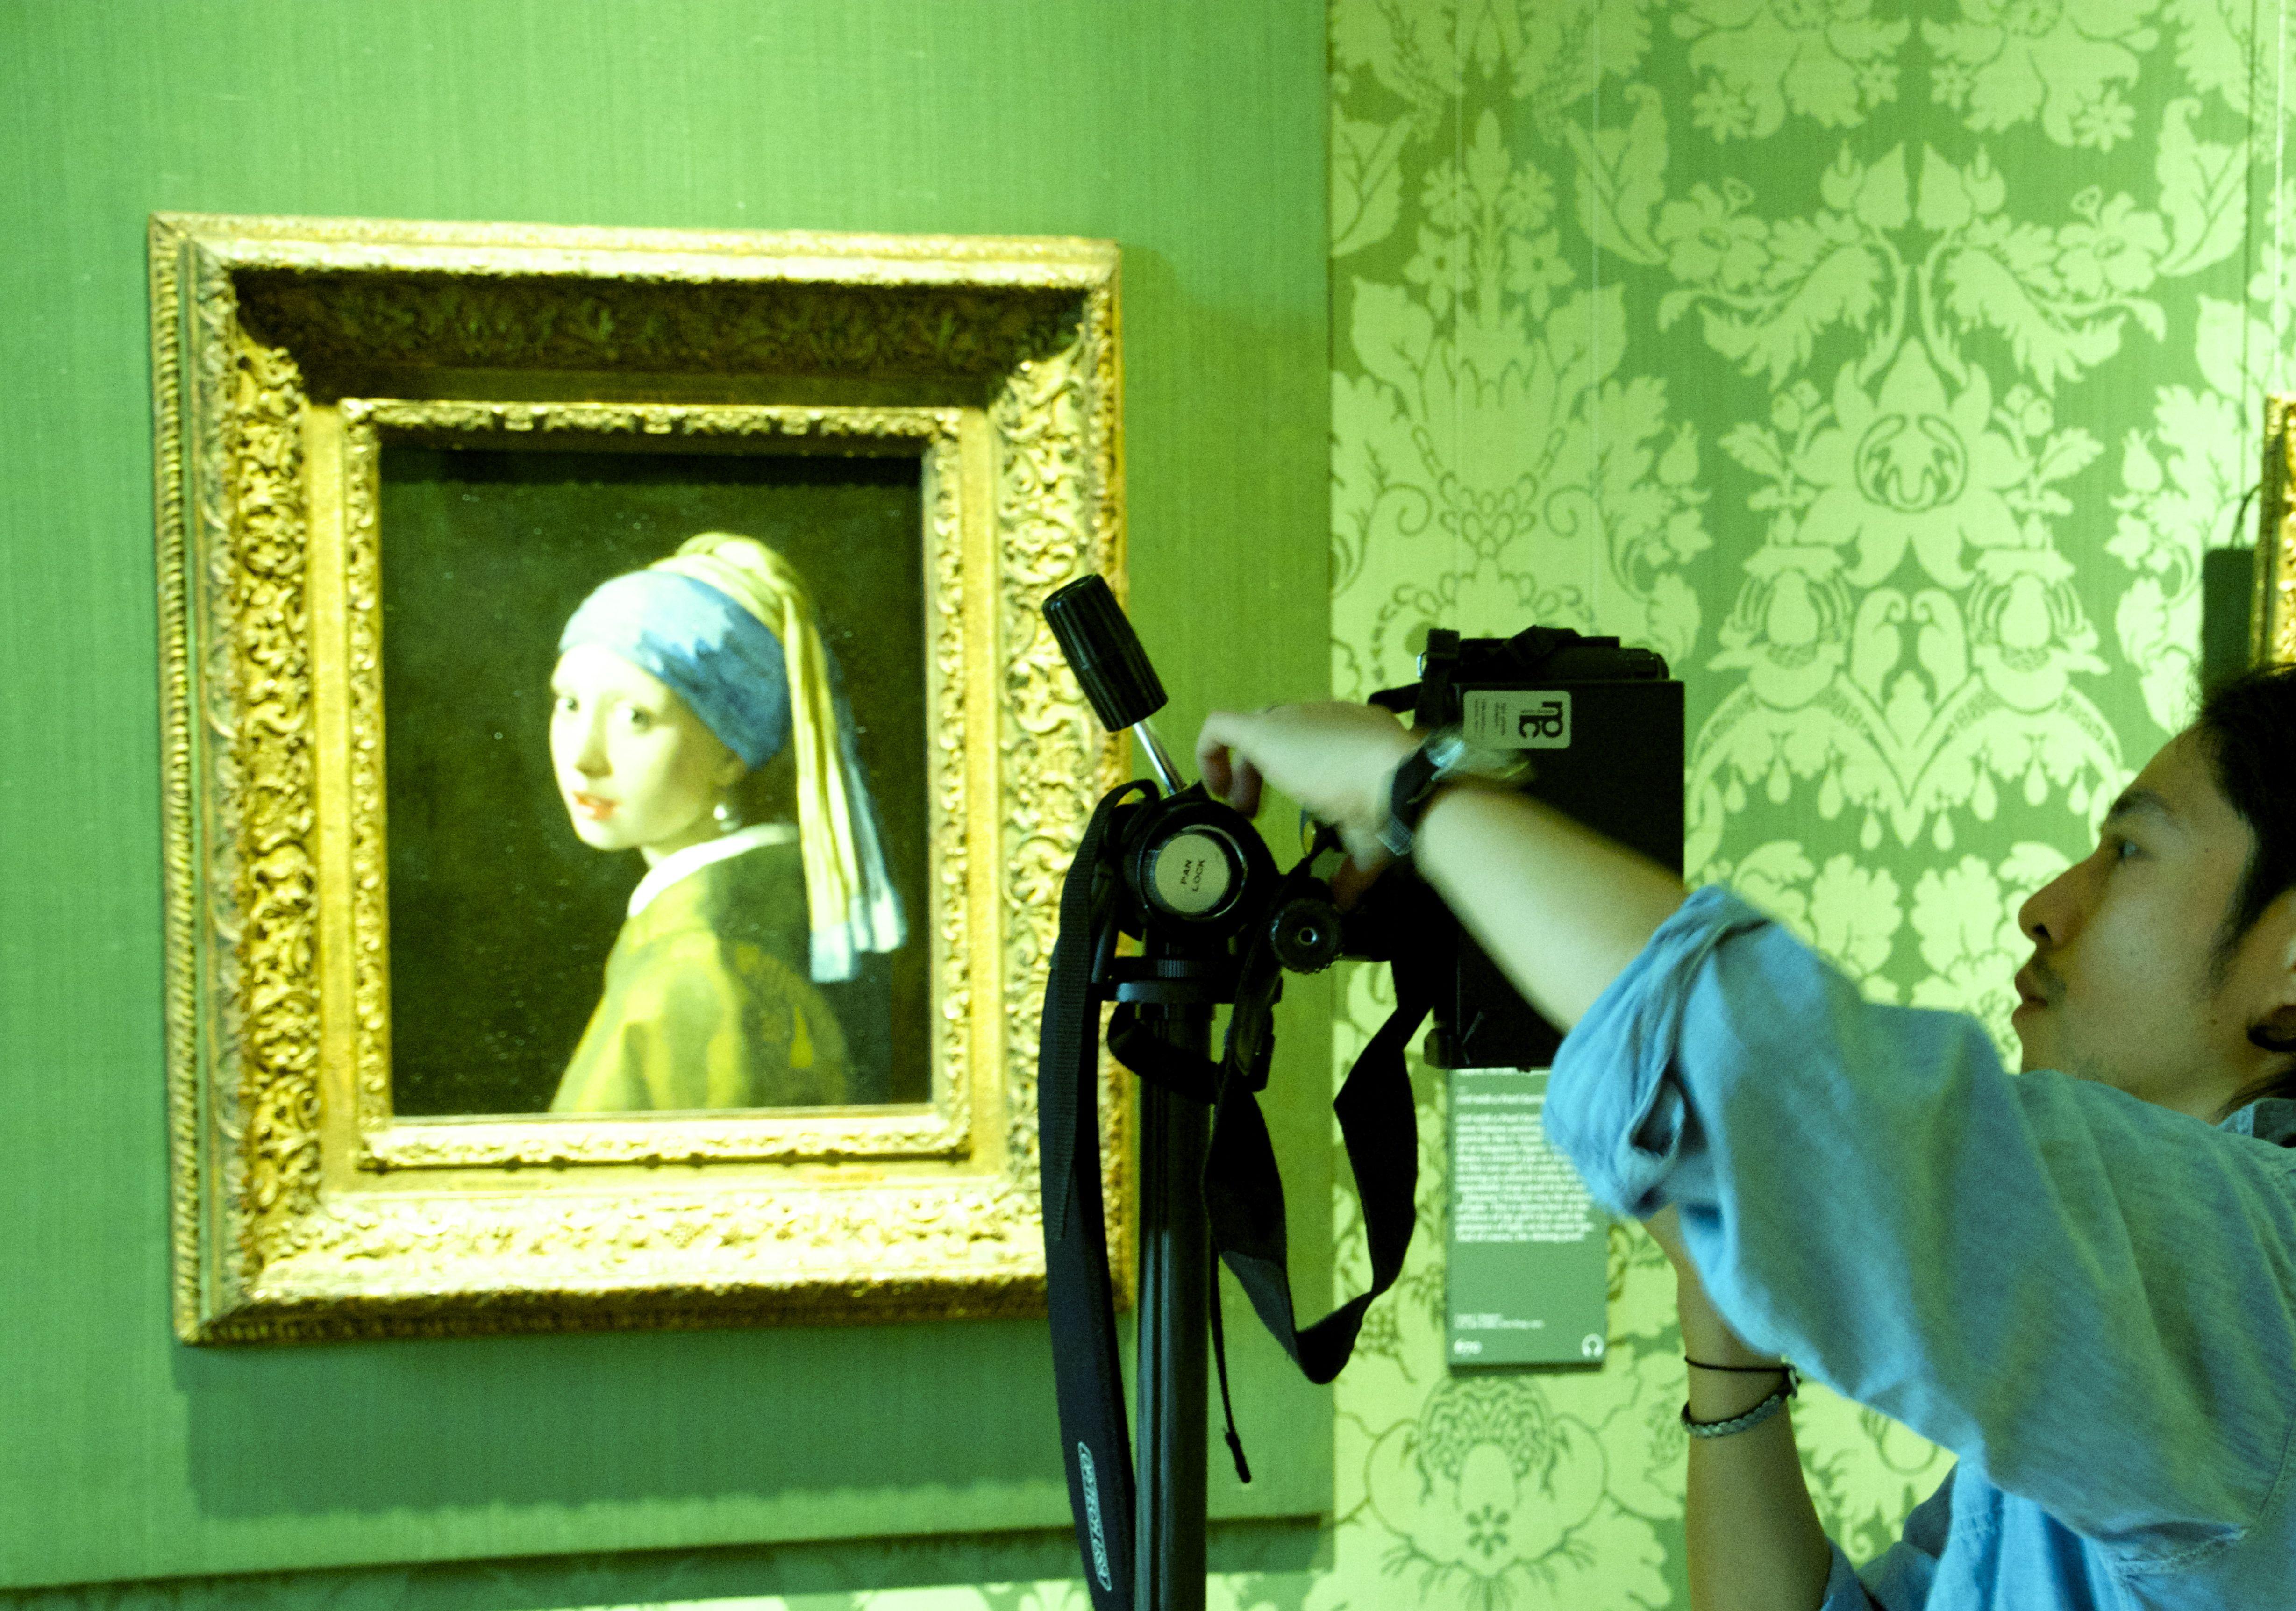 Popstars Aus Dem 17 Jahrhundert Das Mauritshuis In Den Haag